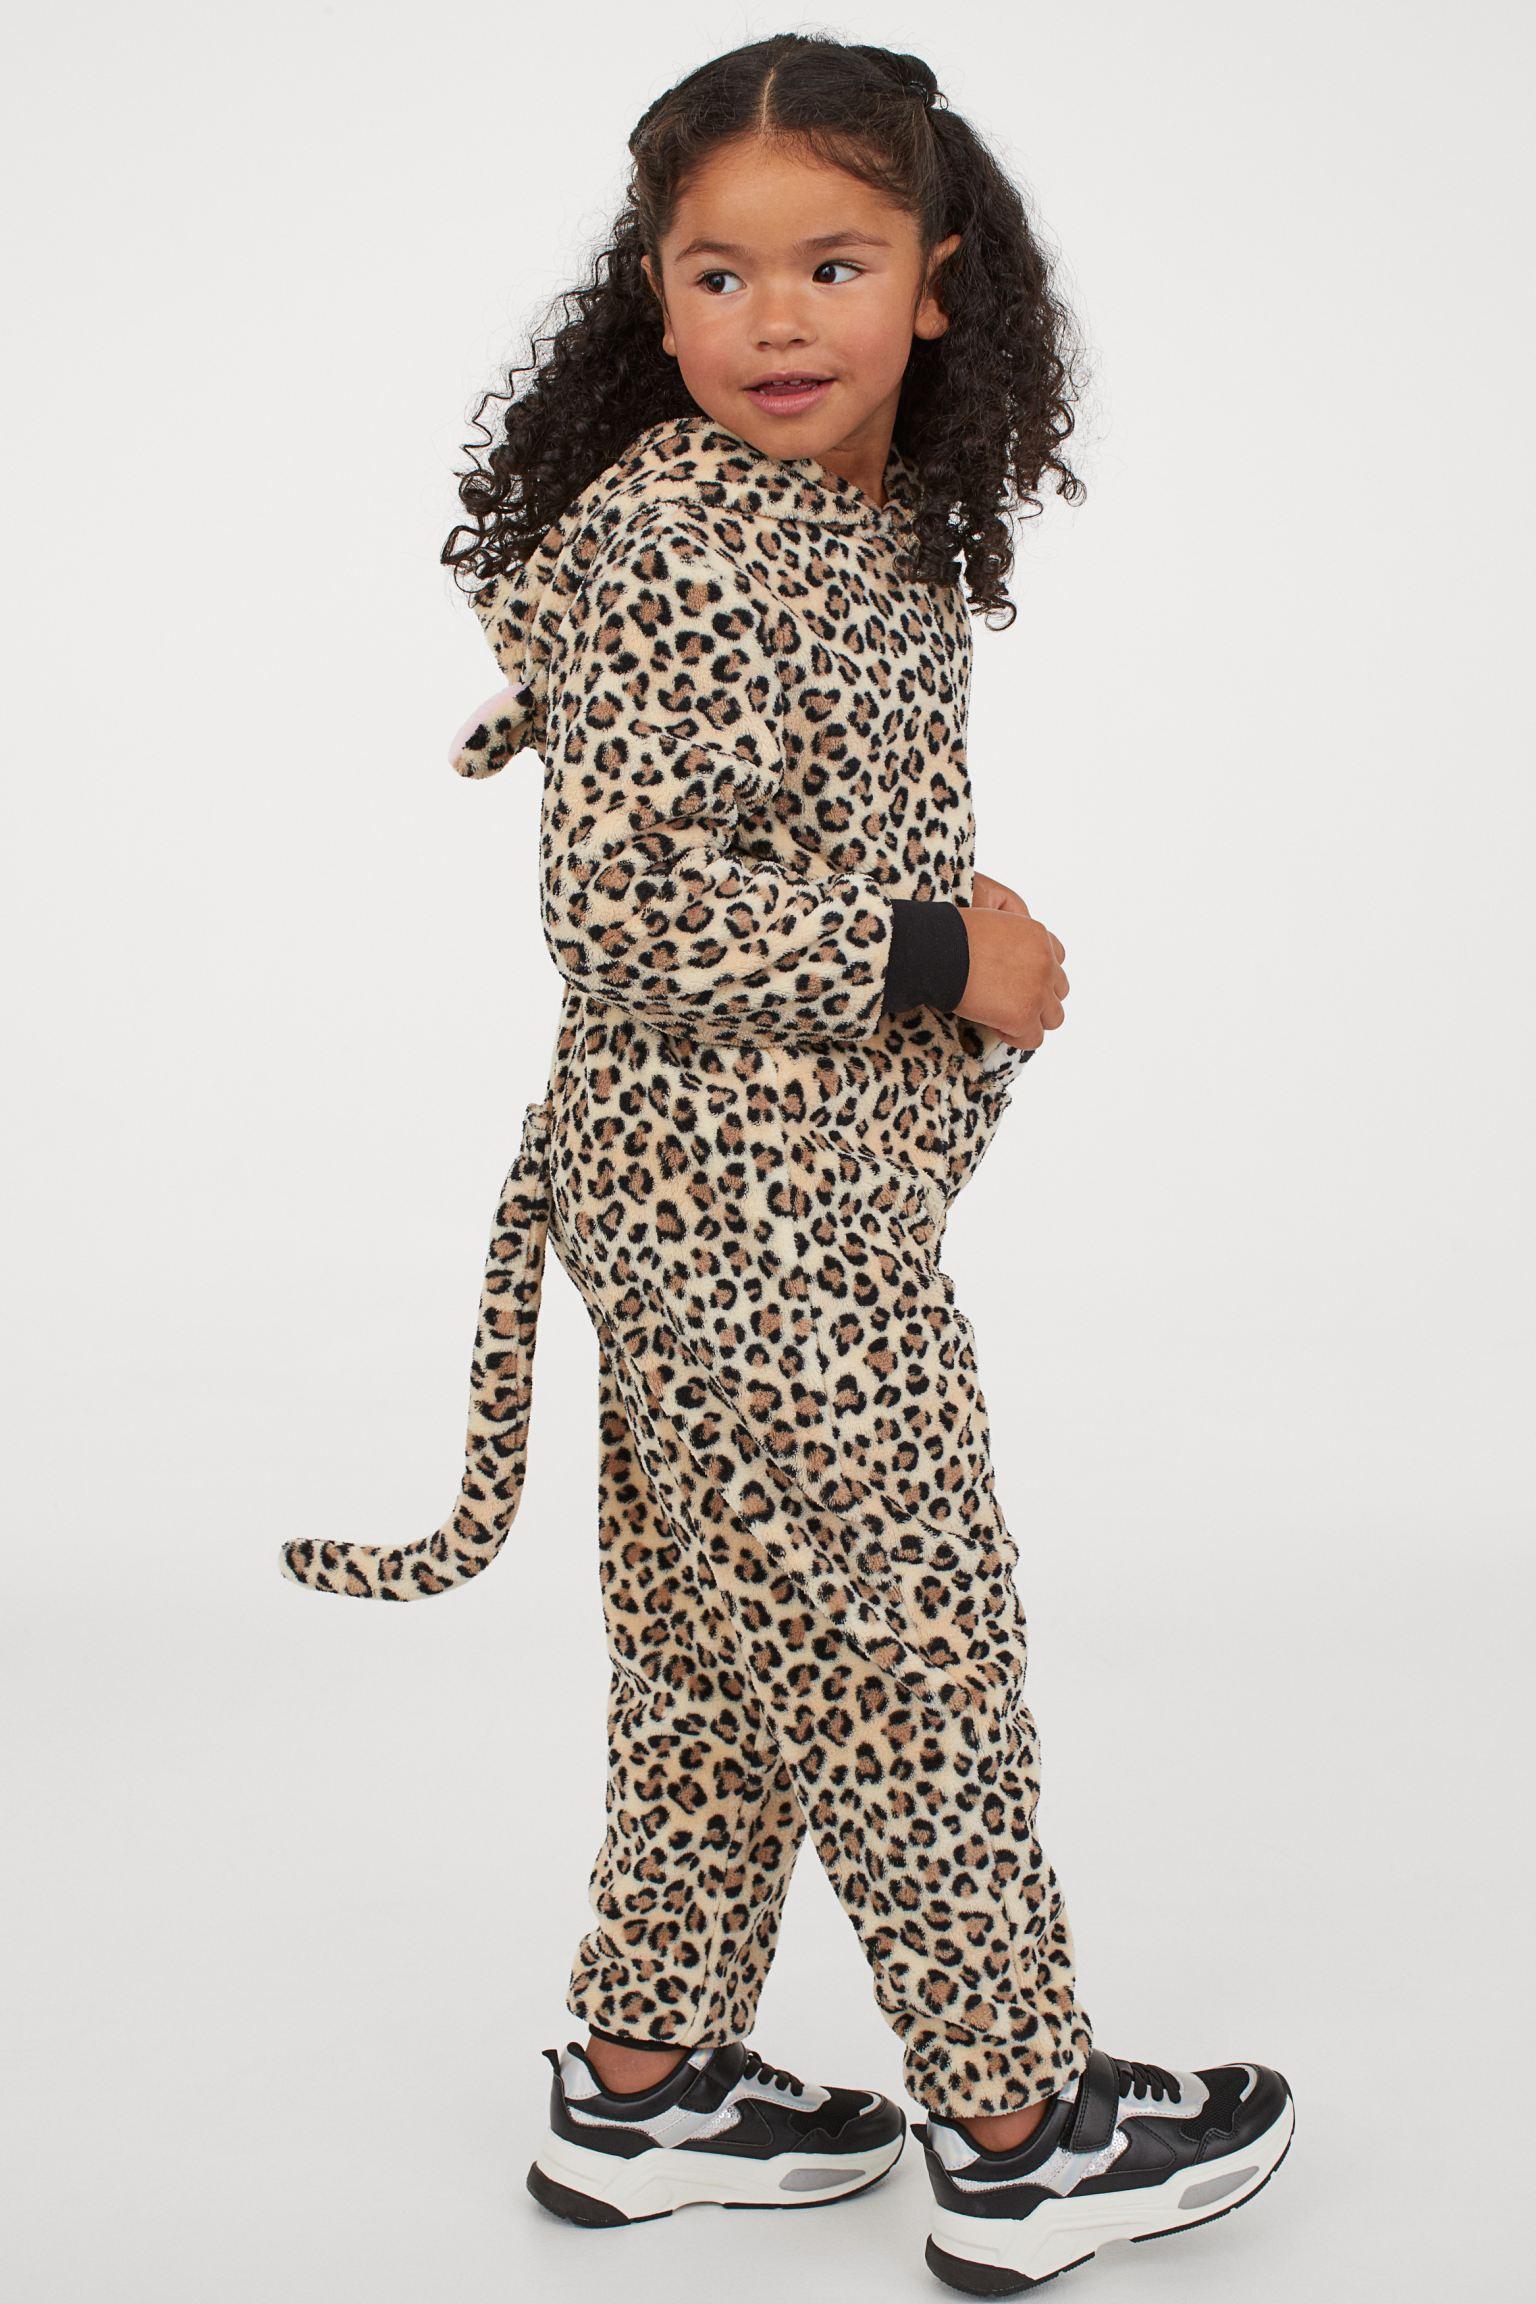 Disfraz de animal de peluche con bebé acolchado a juego.